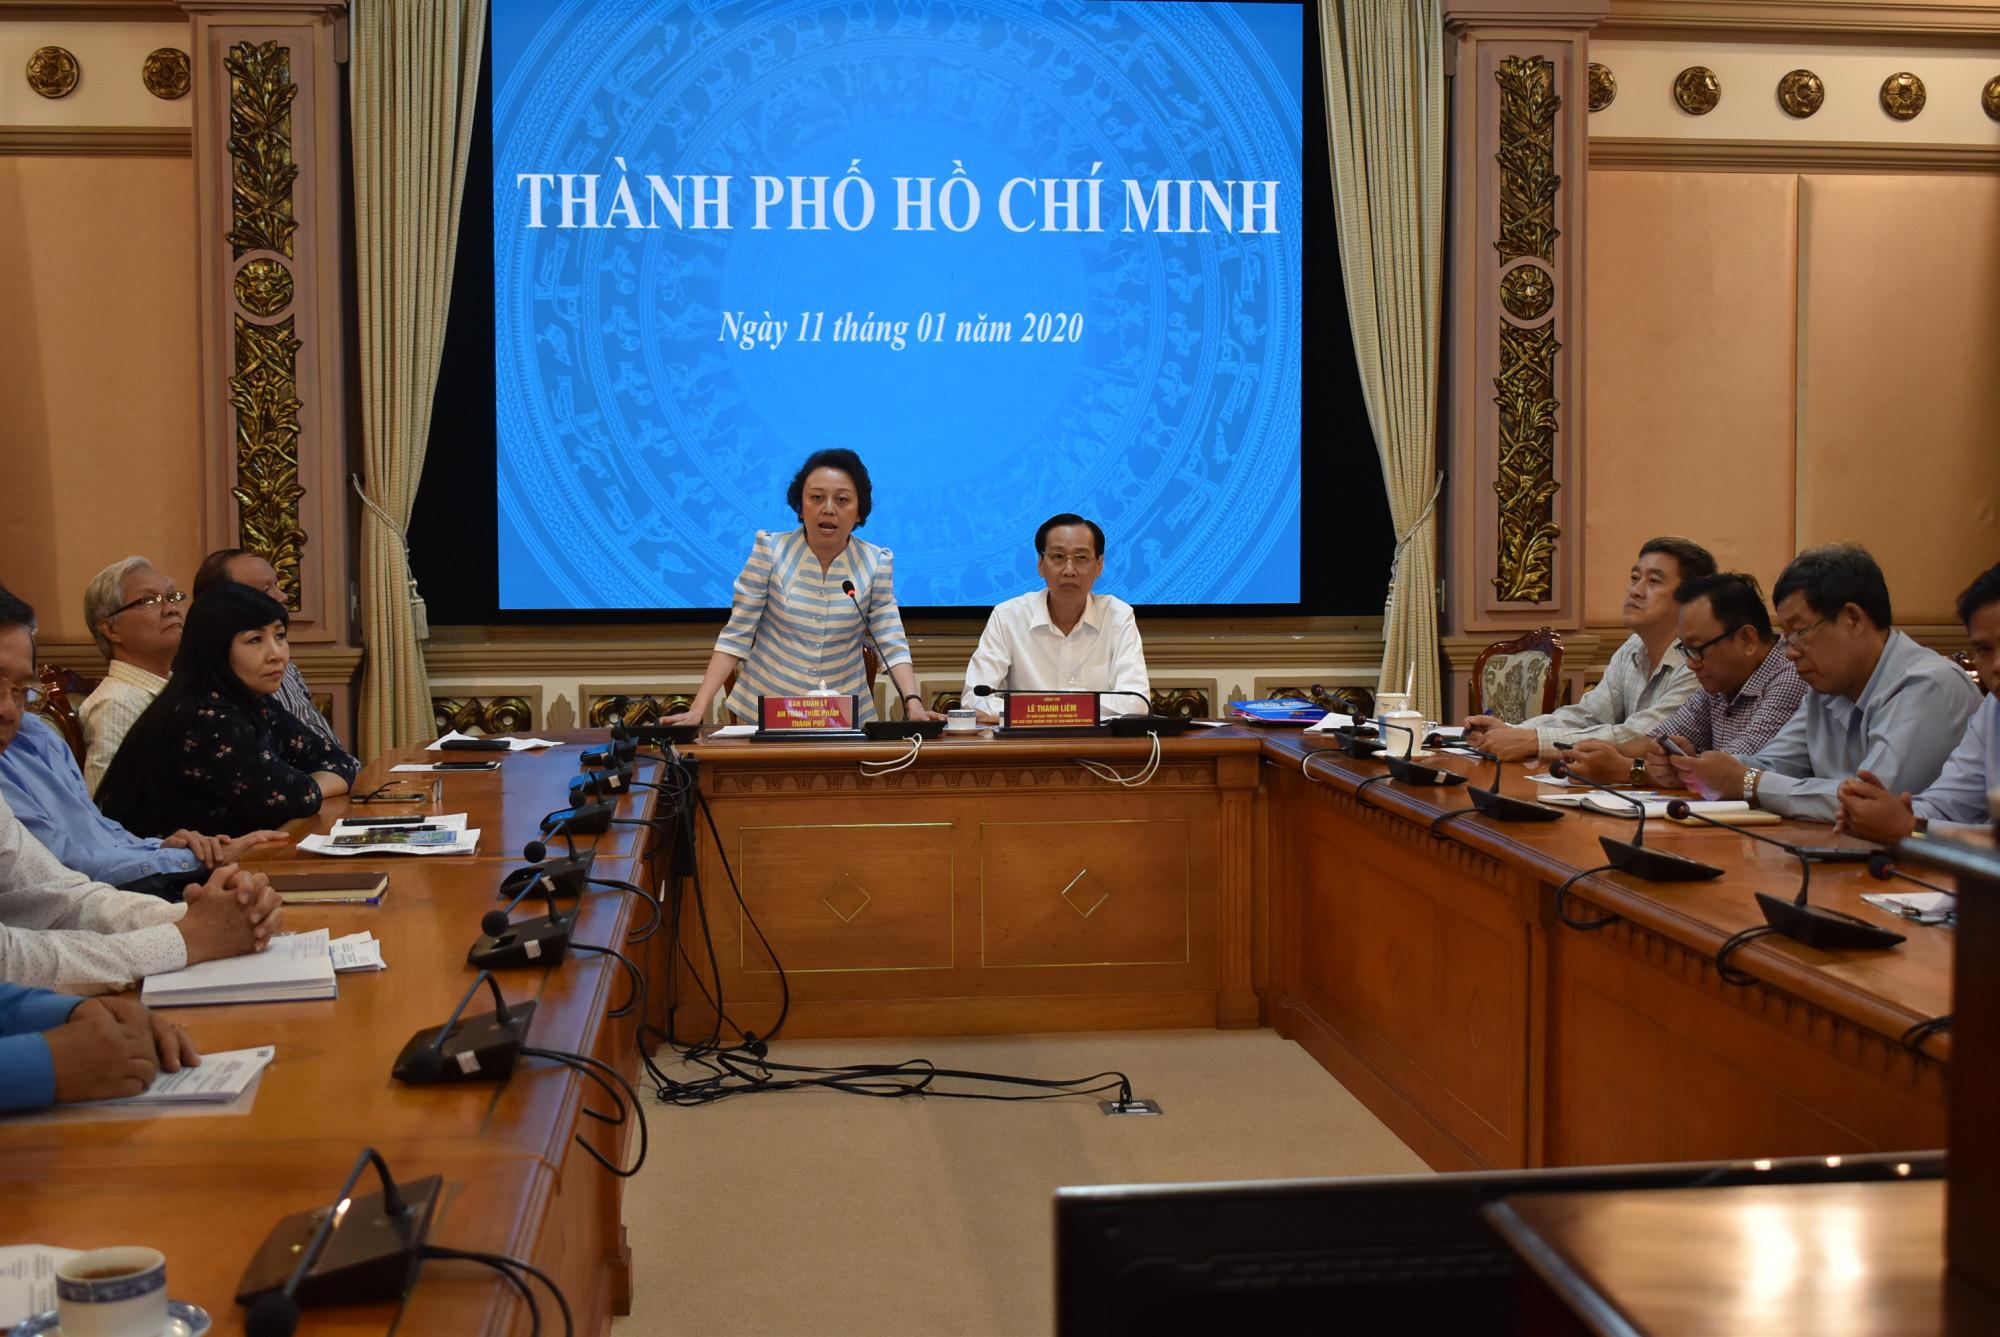 Bà Phạm Khánh Phong Lan - Trưởng ban Quản lý An toàn thực phẩm TPHCM mong tiếp tục cho phép thực hiện những nhiệm vụ đã bắt đầu liên quan đến an toàn thực phẩm